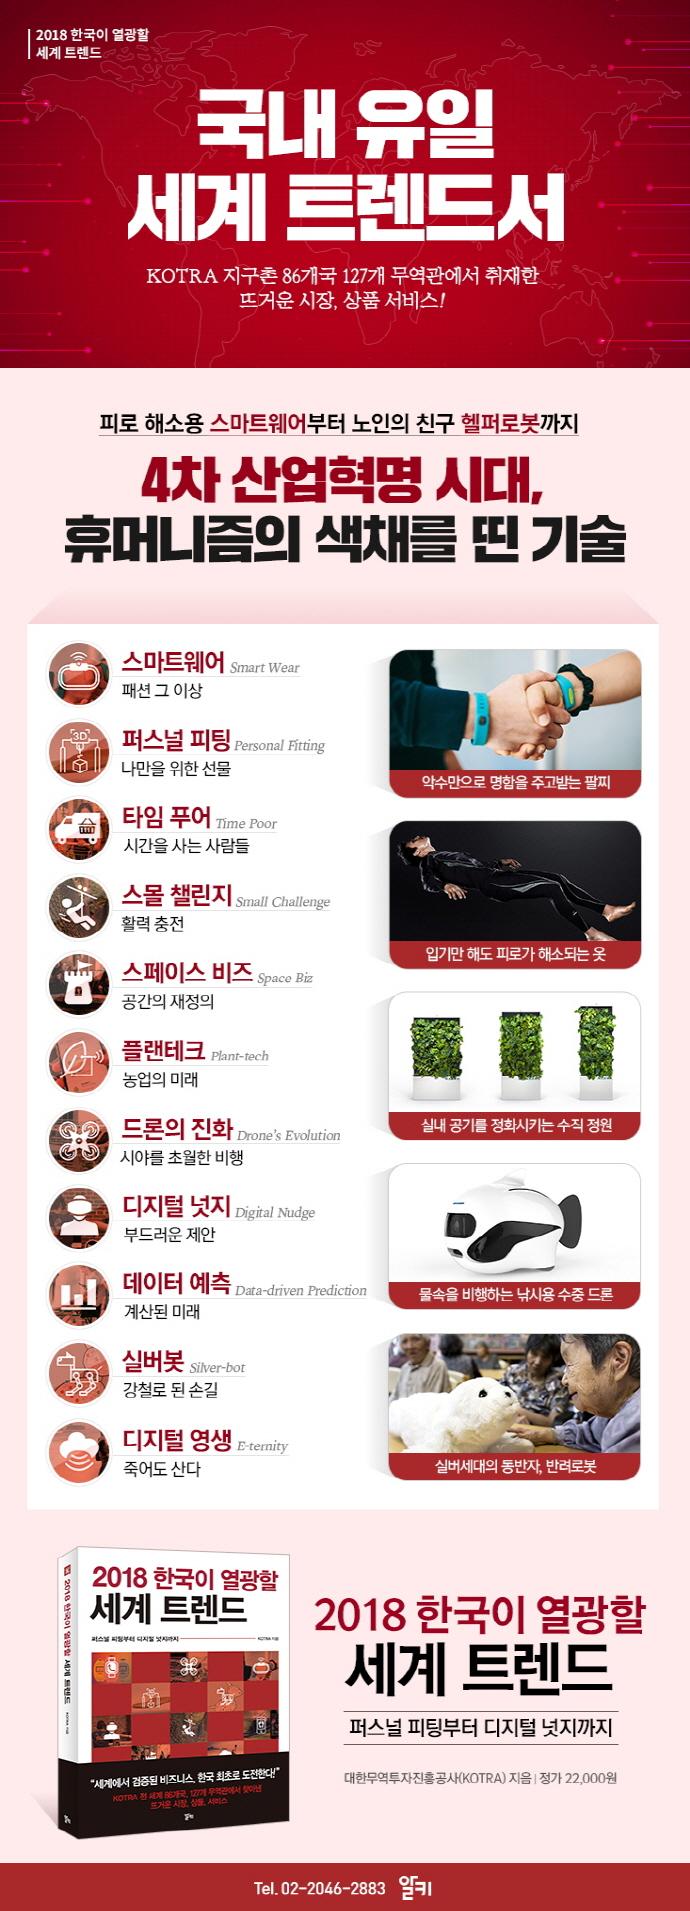 2018 한국이 열광할 세계 트렌드 도서 상세이미지